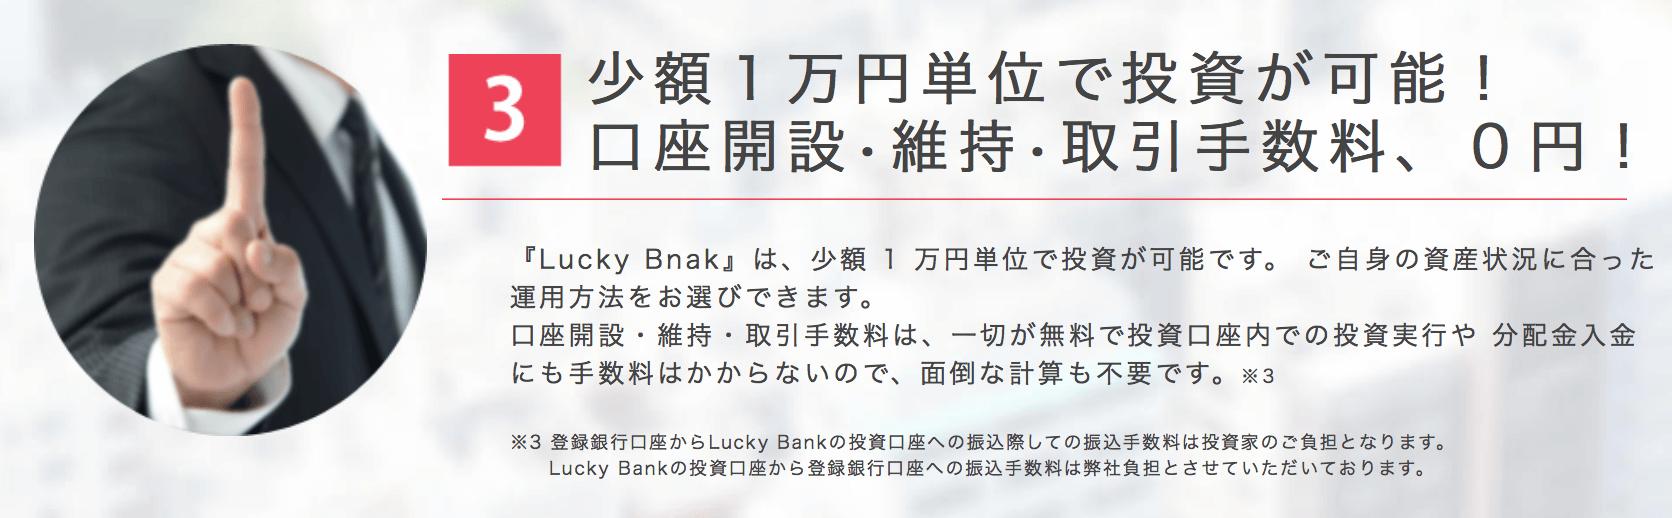 ラッキーバンクの特徴